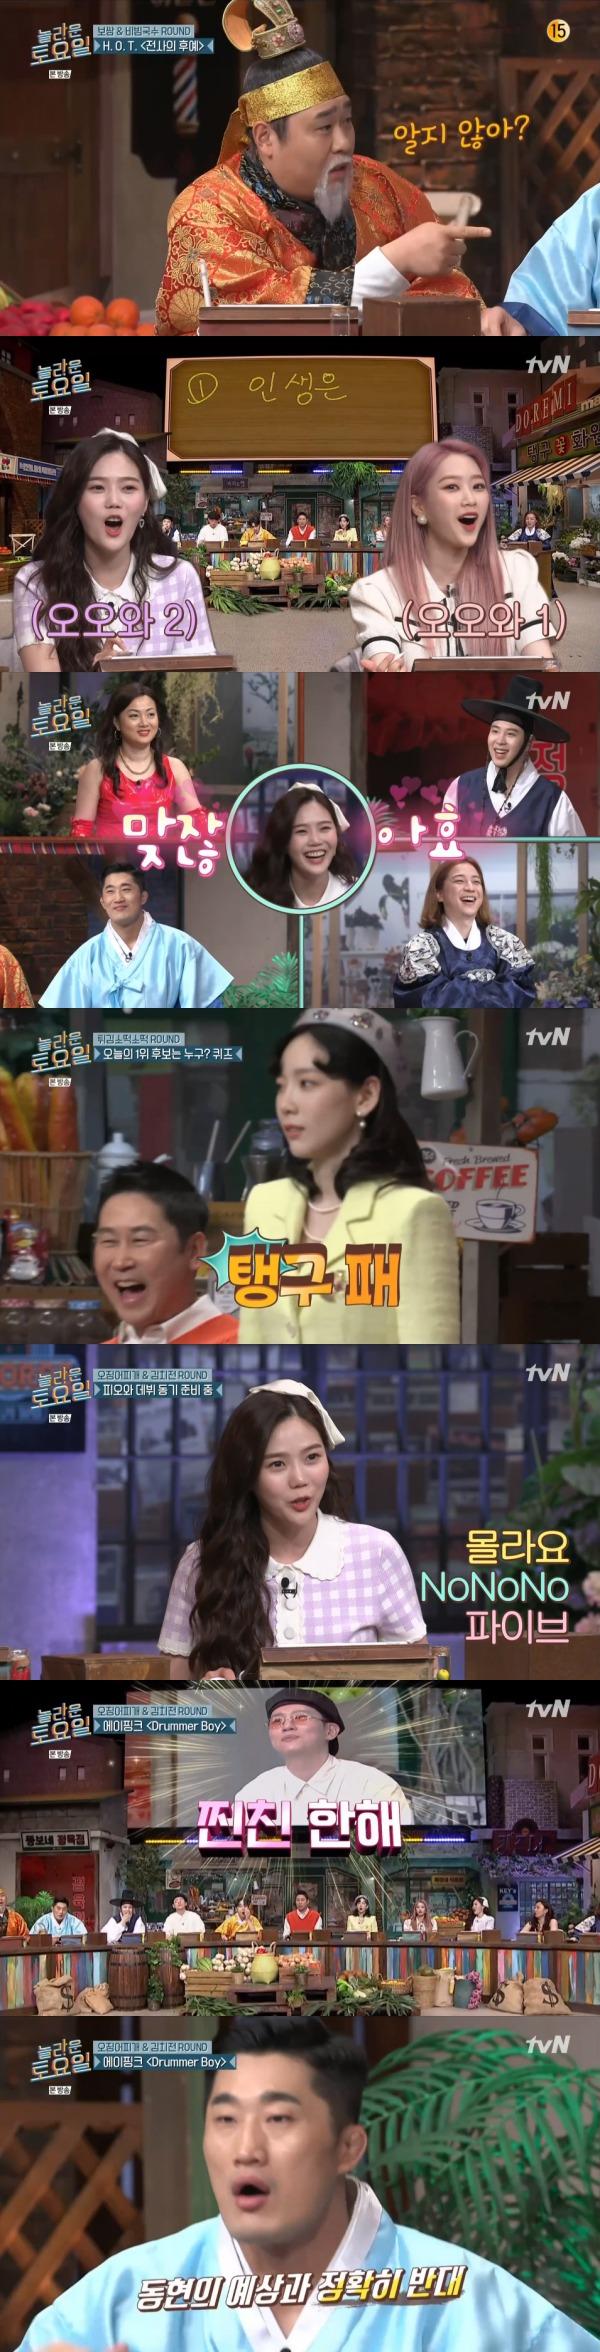 '놀토' 김동현과 반대로 하면 정답…新 정답 판독기 등극(종합)